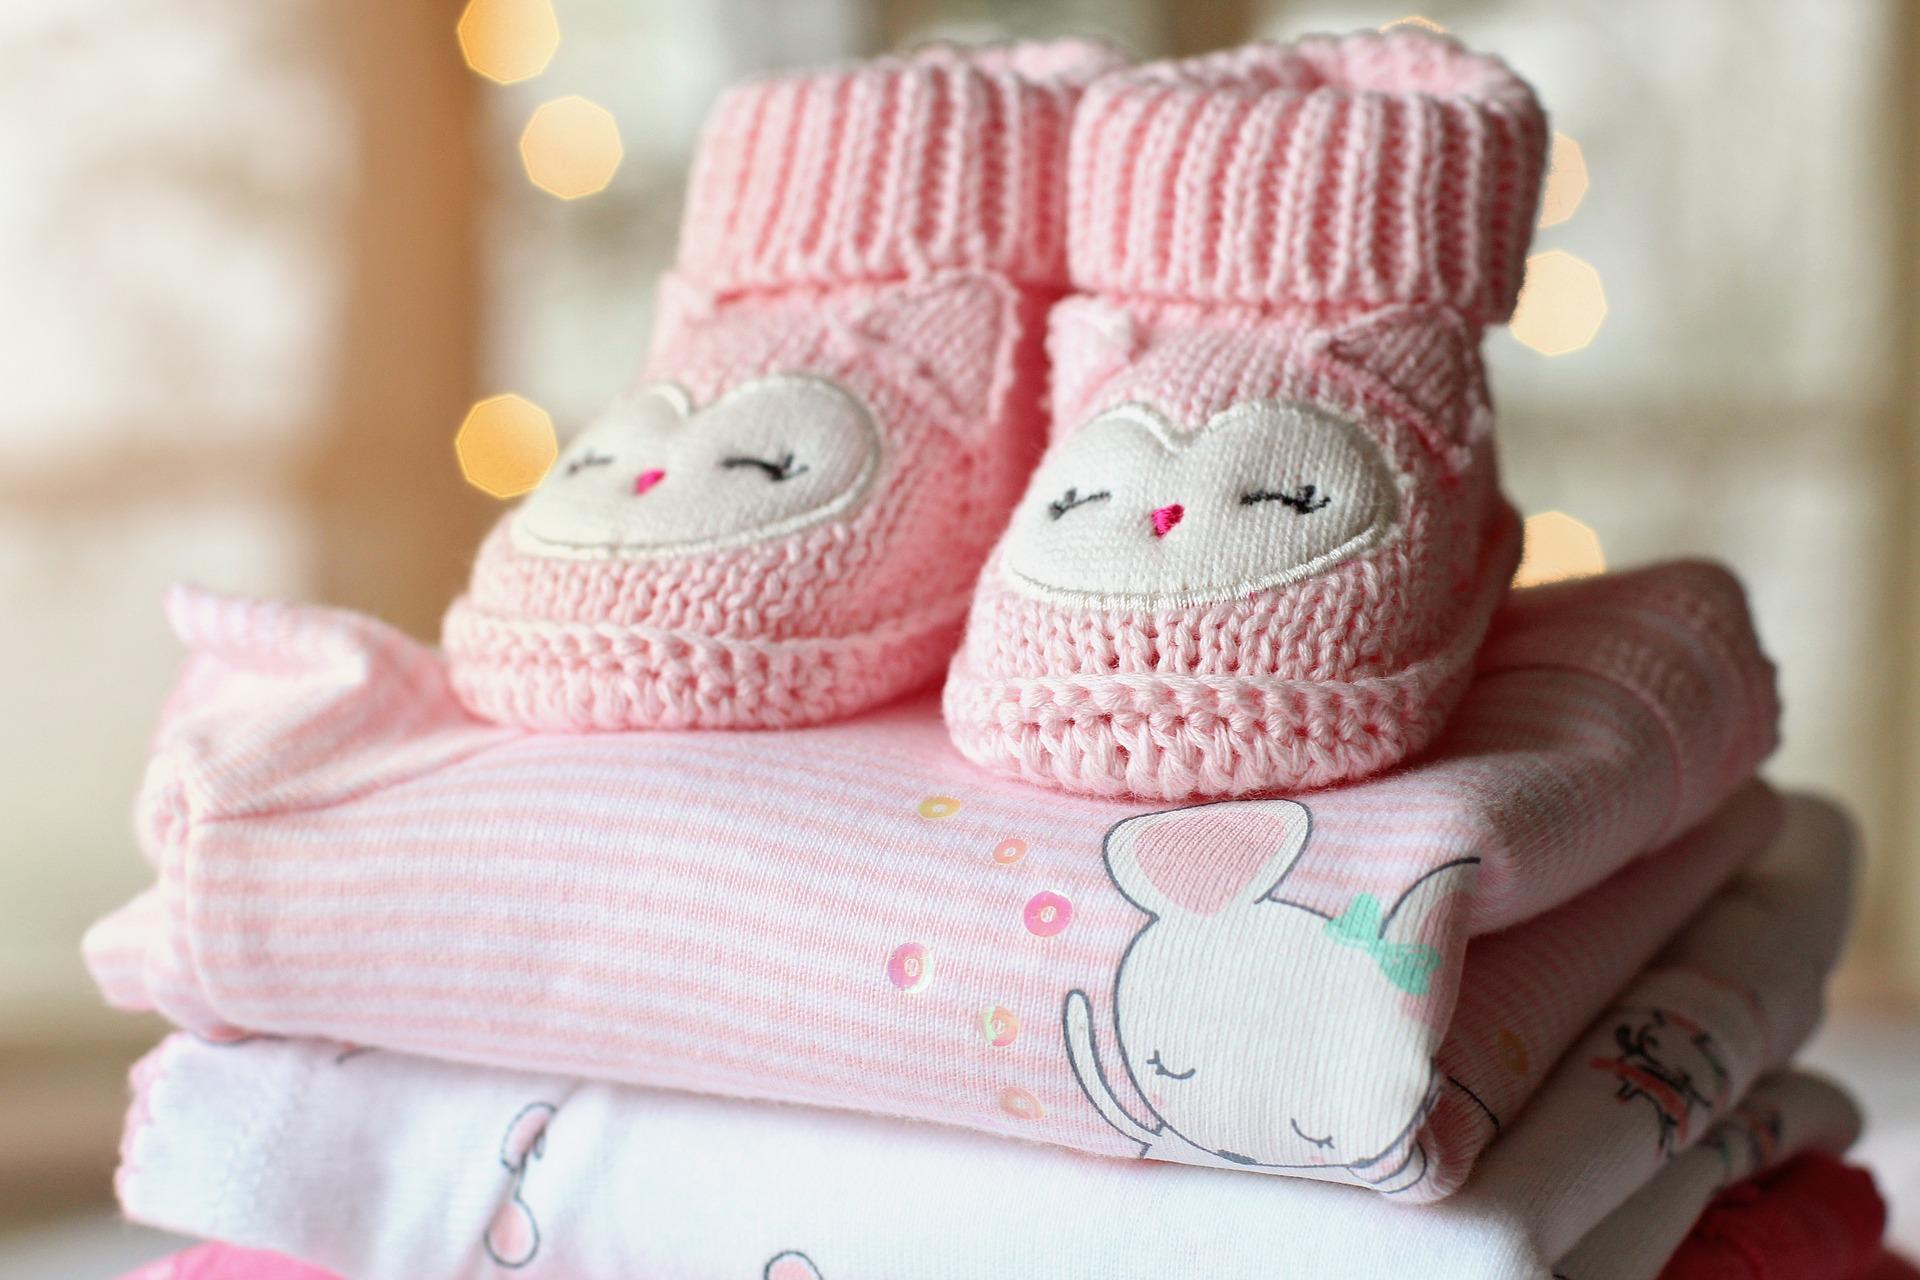 Що подарувати новонародженому: цікаві ідеї для походу до молодим батькам